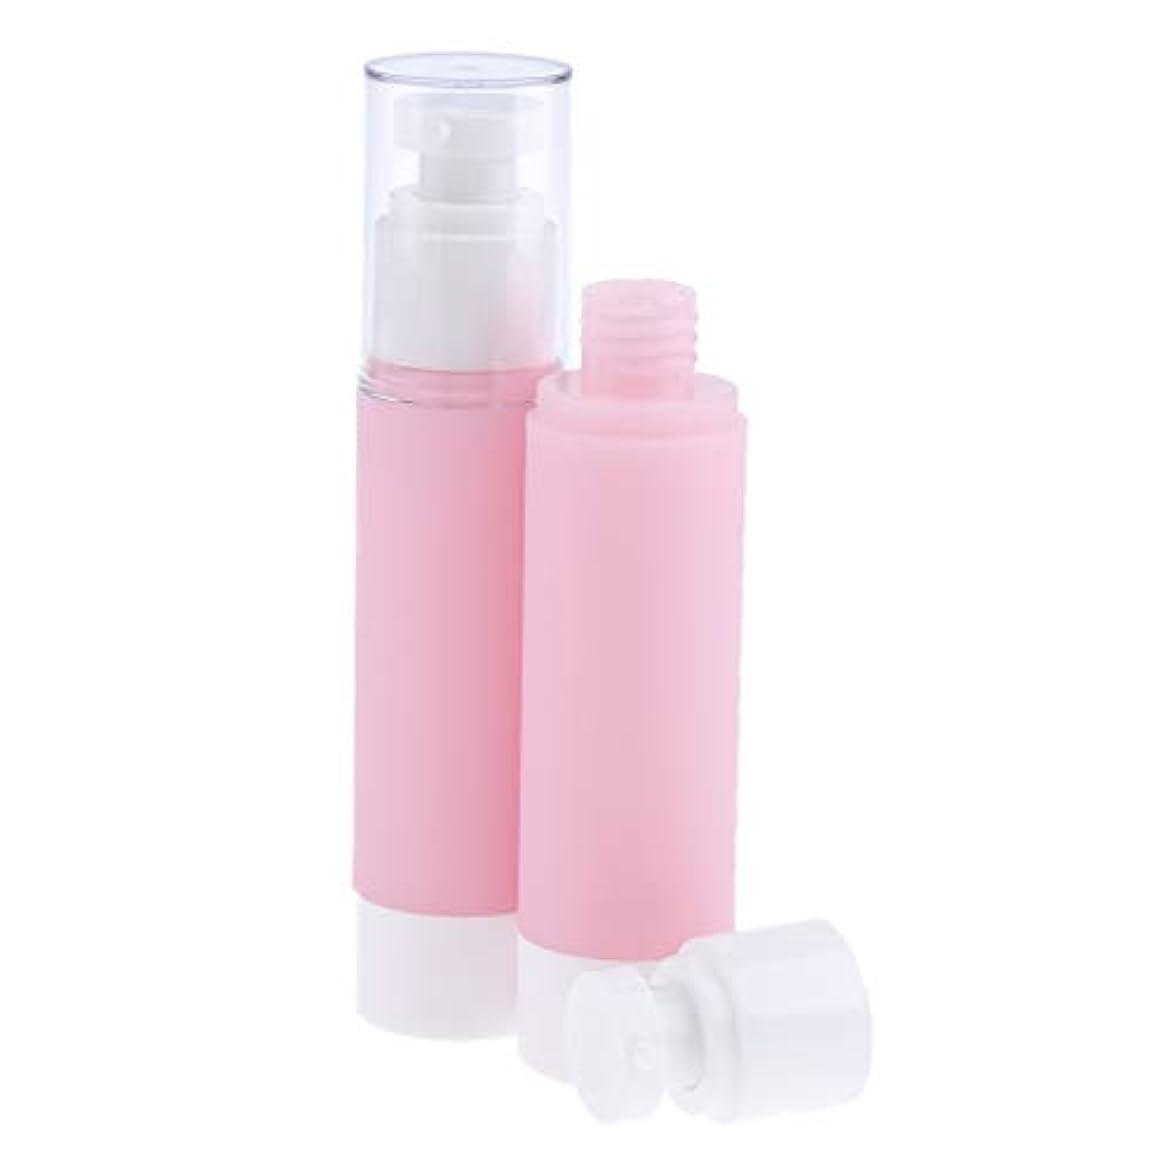 宿題洗練された誕生2個 スプレーボトル 化粧品容器 空ボトル メイクアップ エアレスポンプボトル 4サイズ選べ - 100ミリリットル